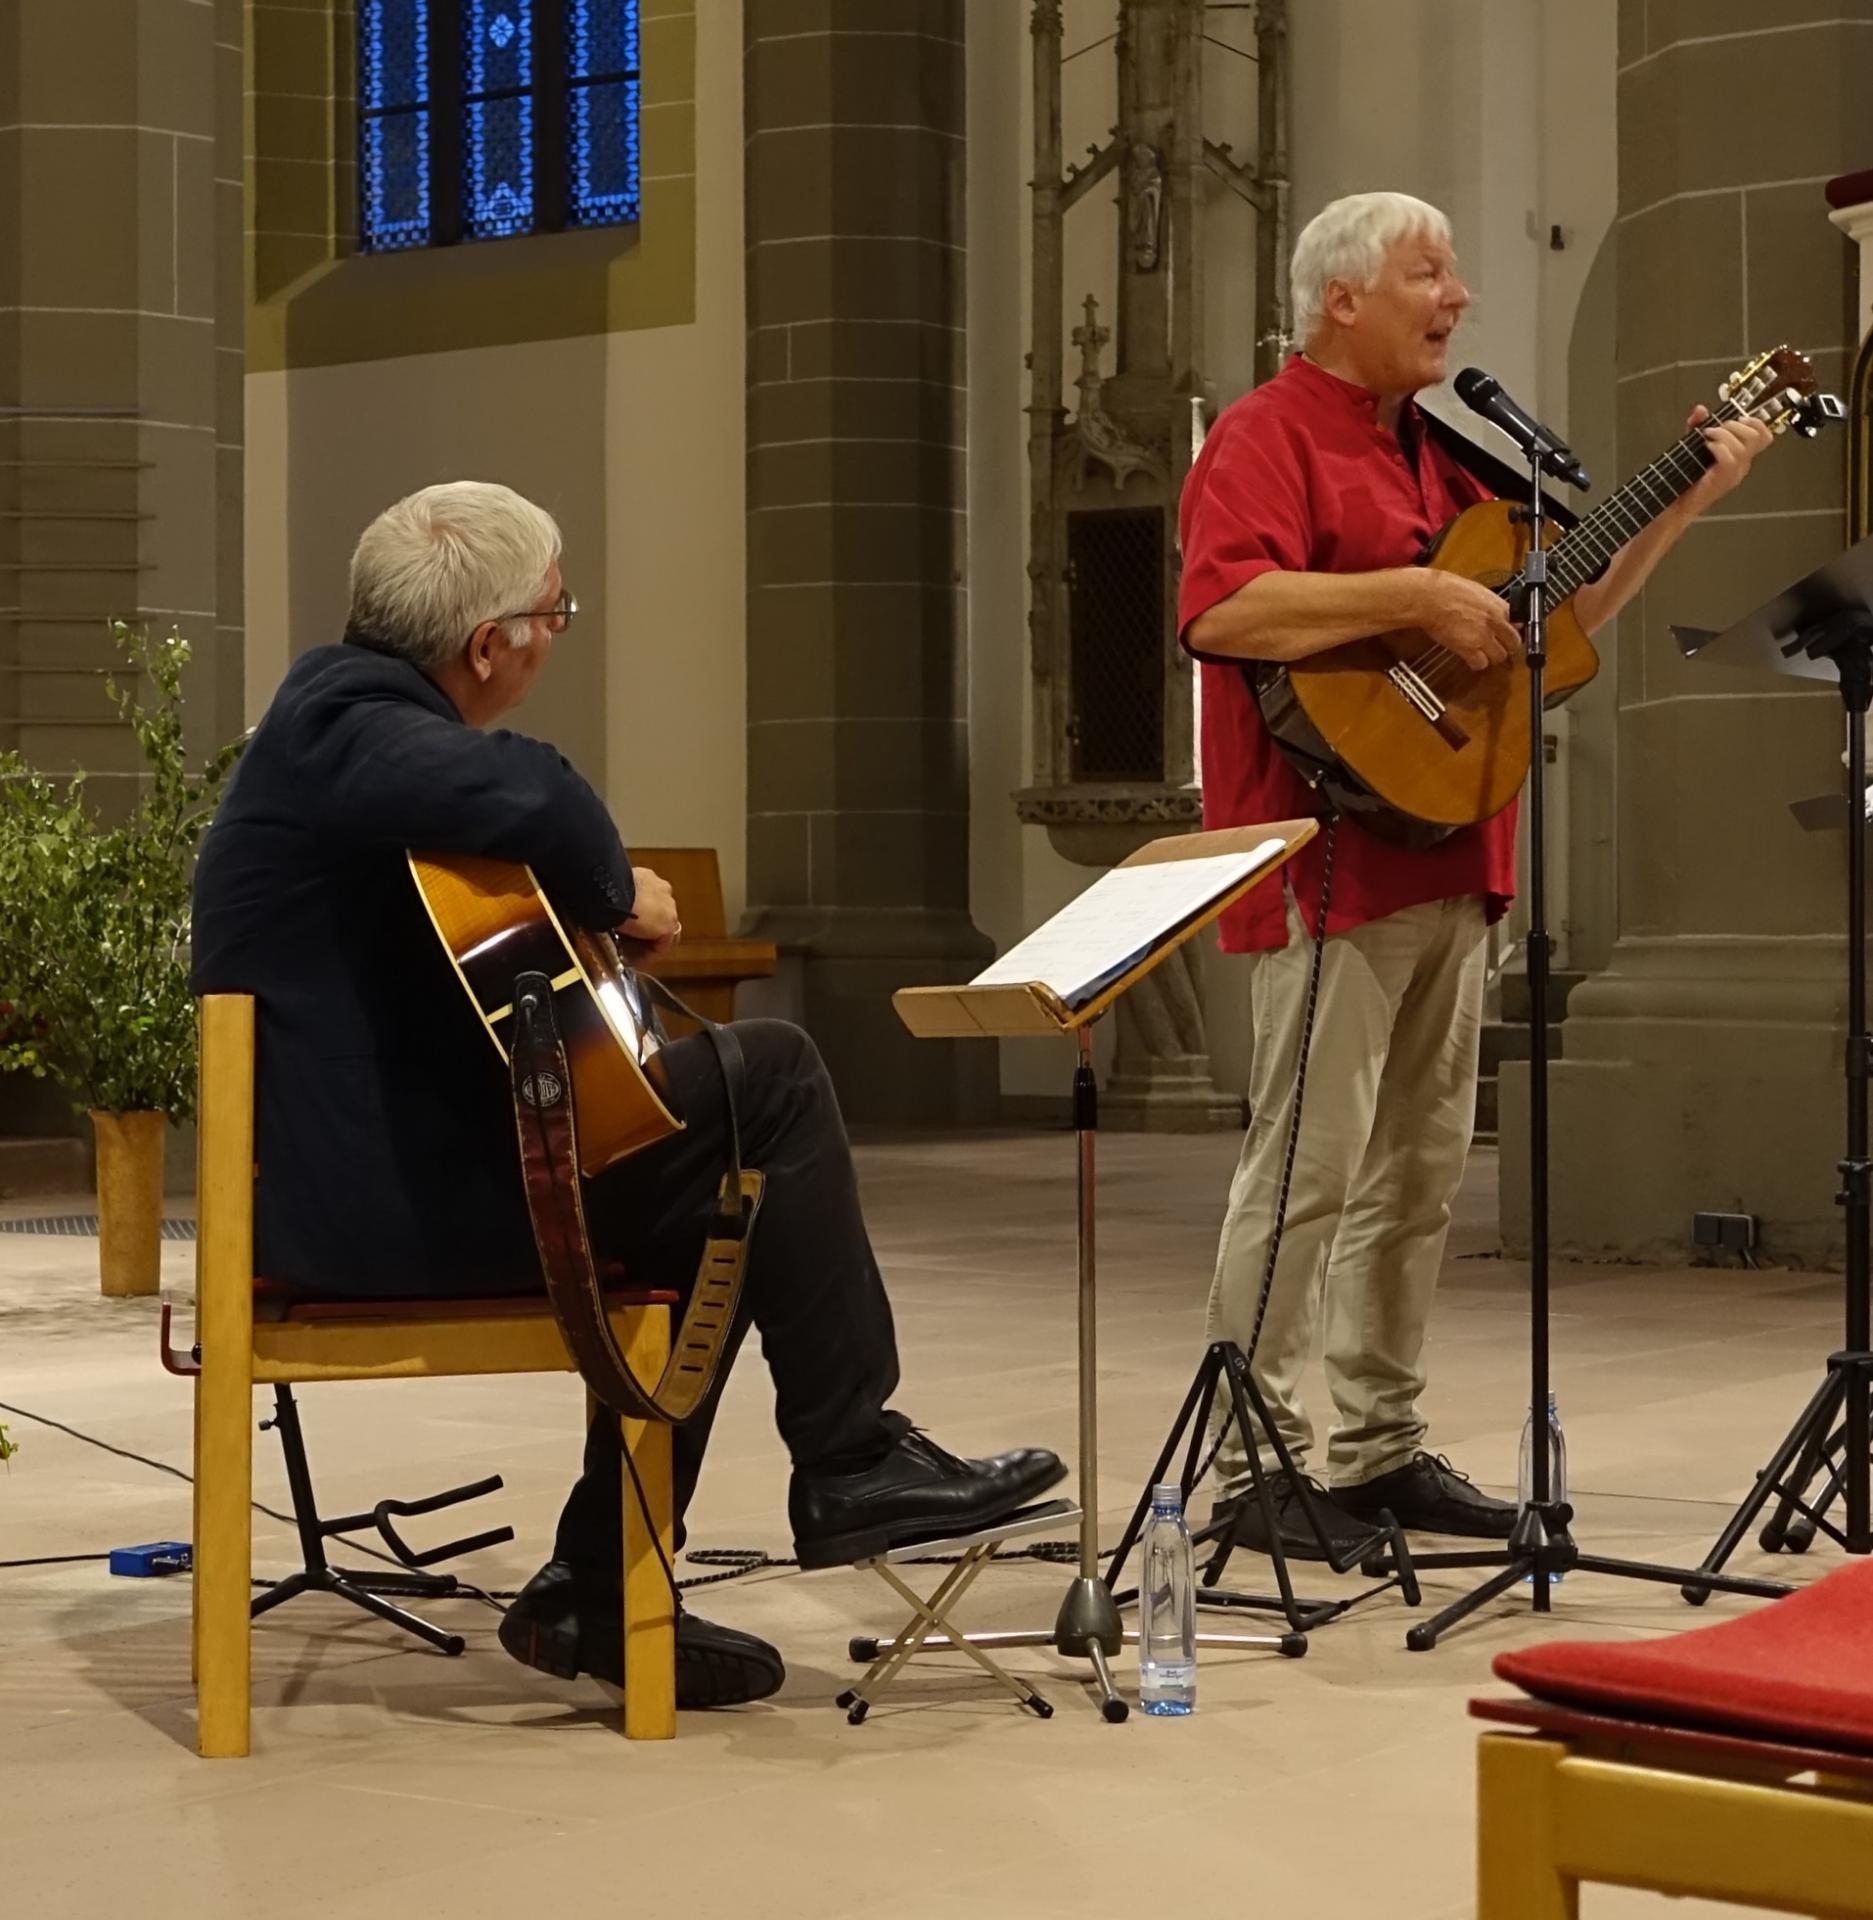 Fritz Baltruweit, begleitet von Jan von Lingen, beim Mitsingabend (mit Mund-Nasen-Schutz) am 09.09.